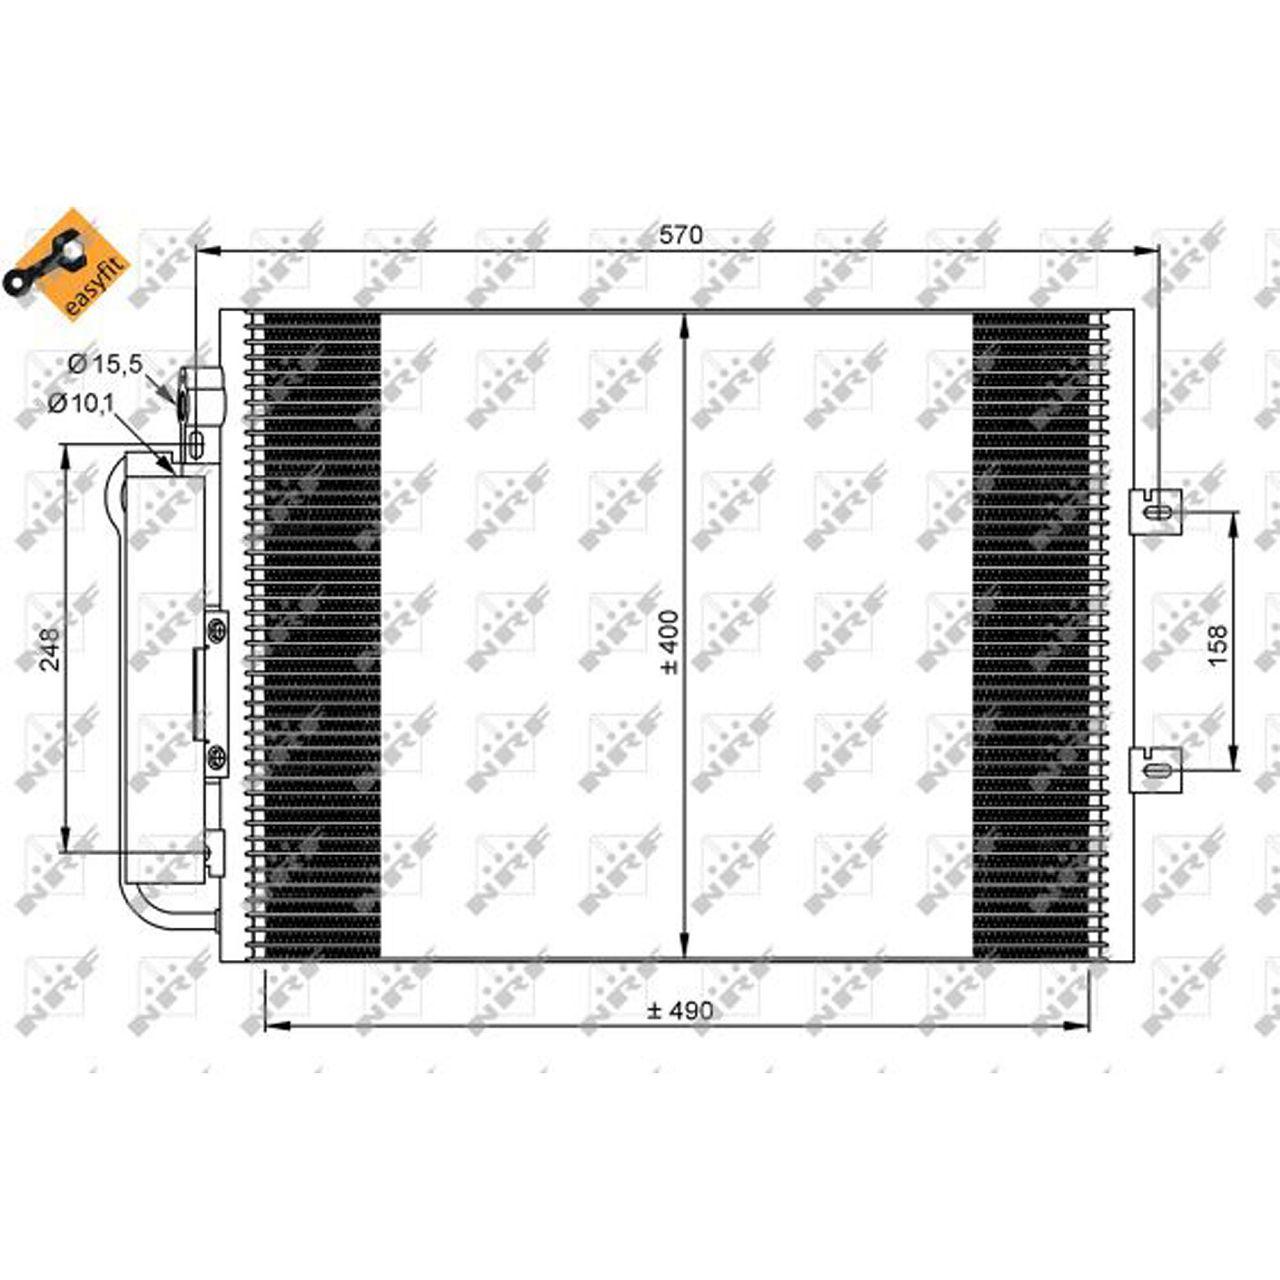 NRF 35879 EASY FIT Kondensator Klima RENAULT Twingo 2 1.2 1.2 16V 58/75/76 PS 8200448252